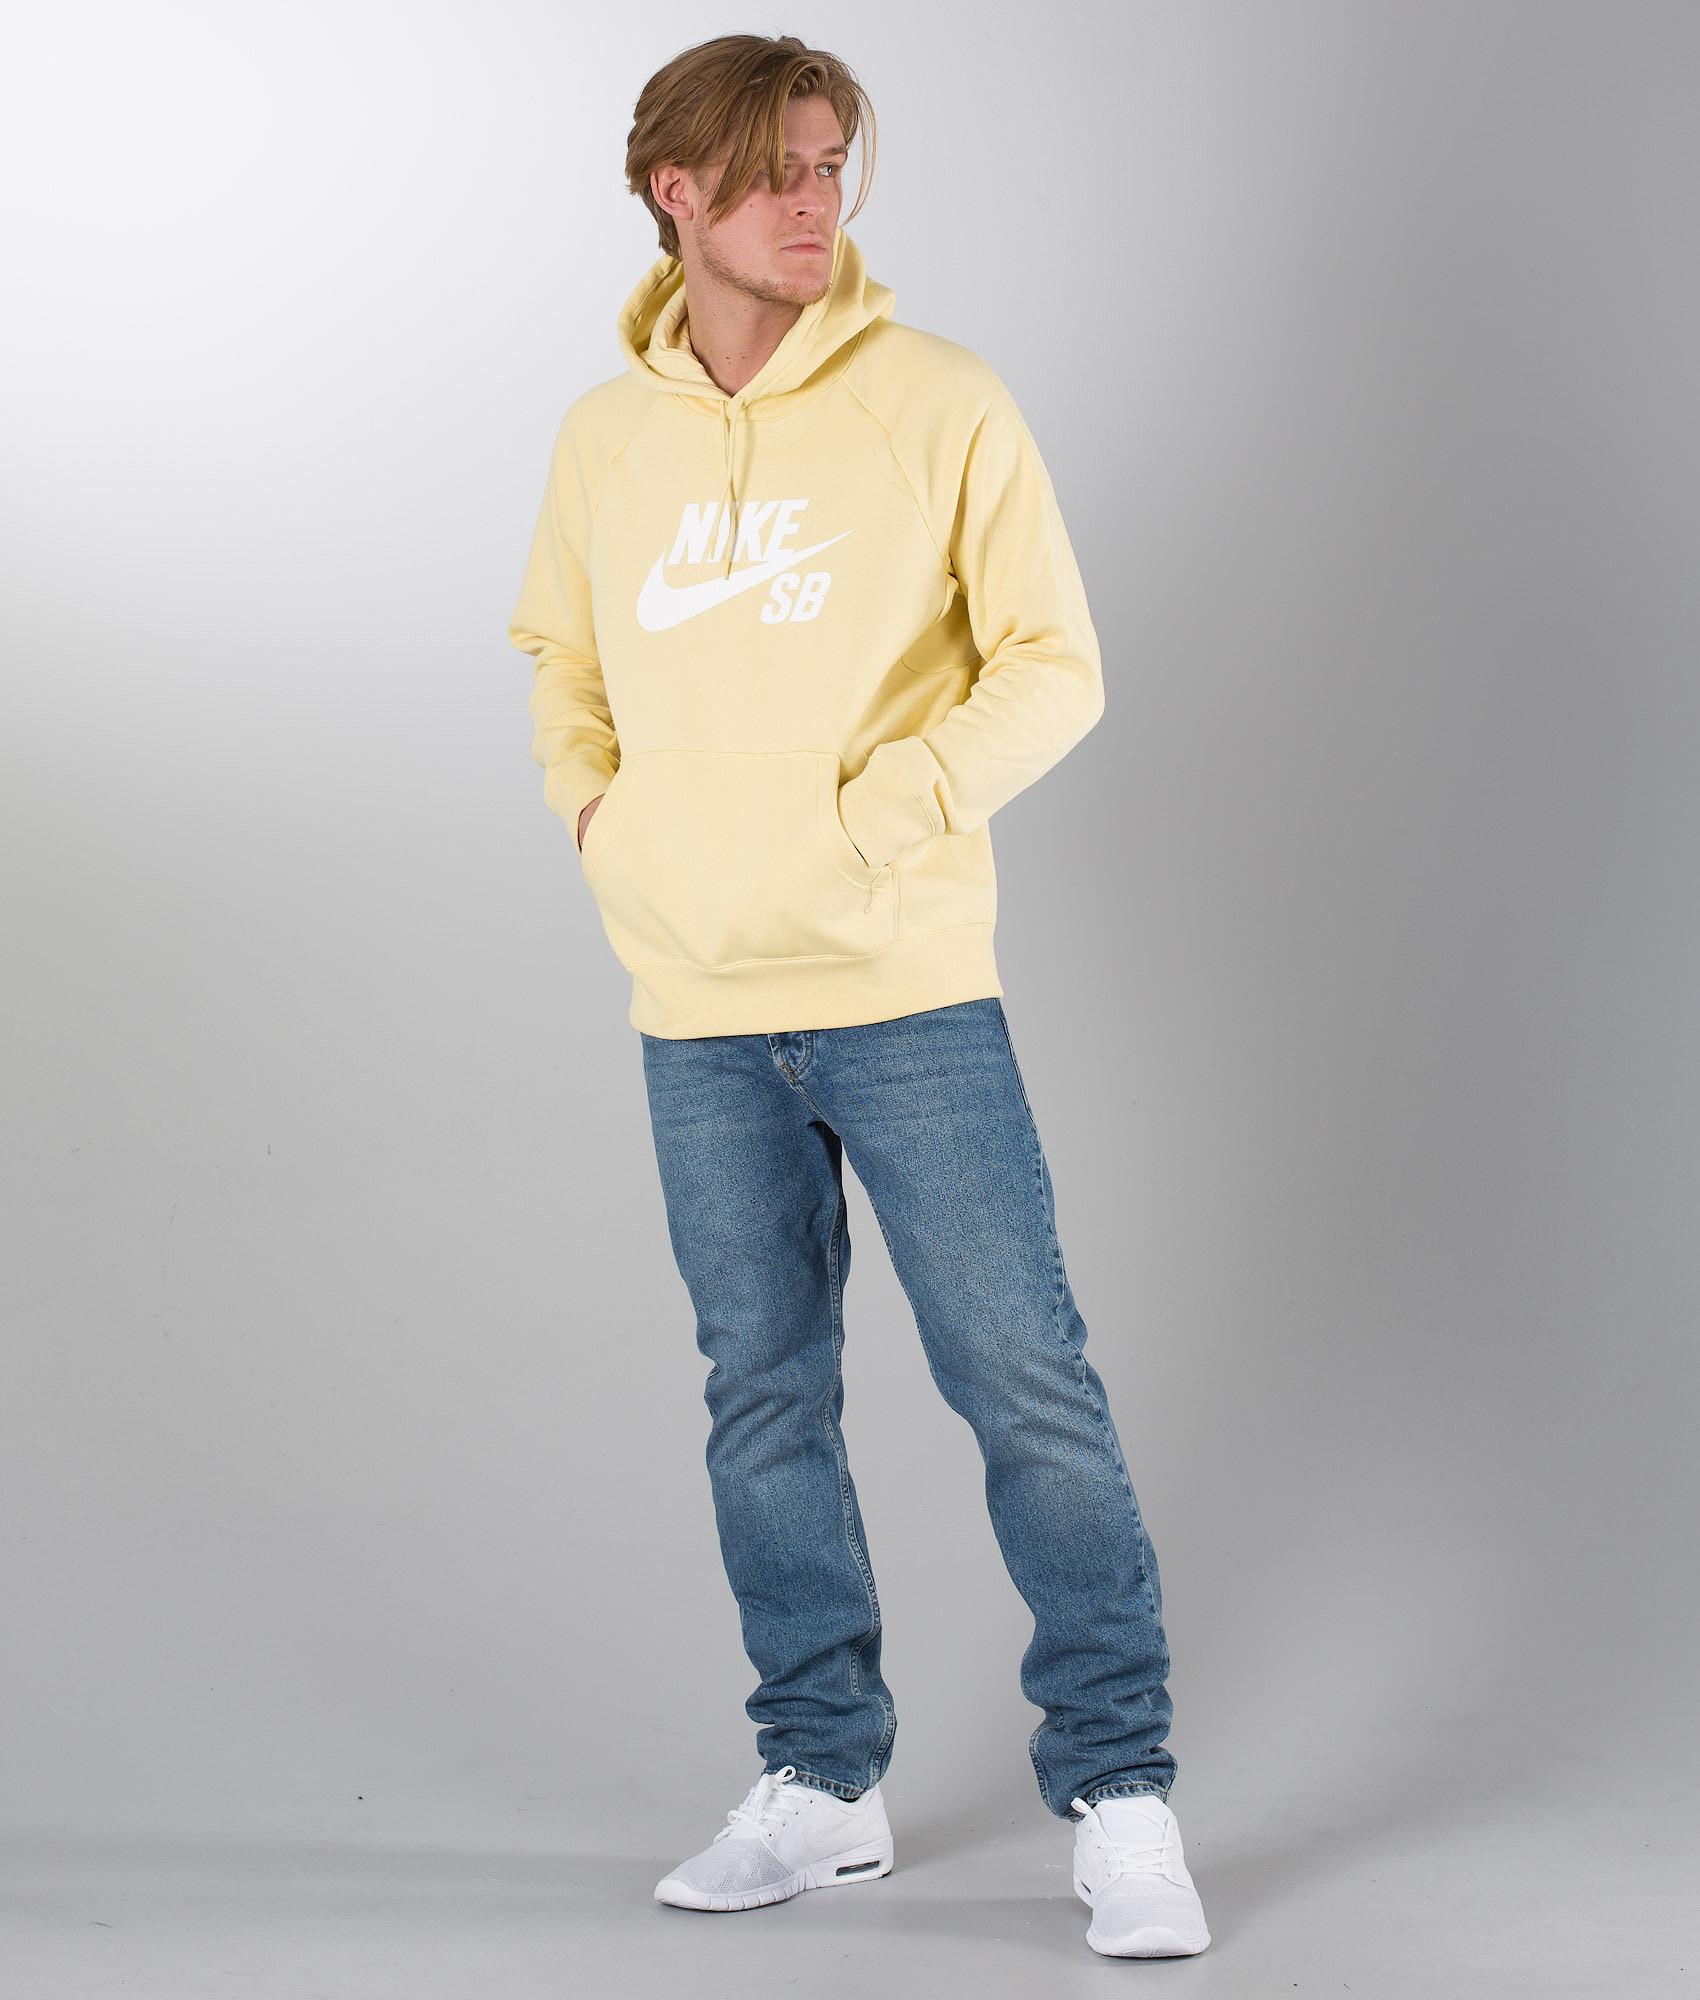 Nike Sb Icon Hood Lemon Wash White - Ridestore.com d750f0f340